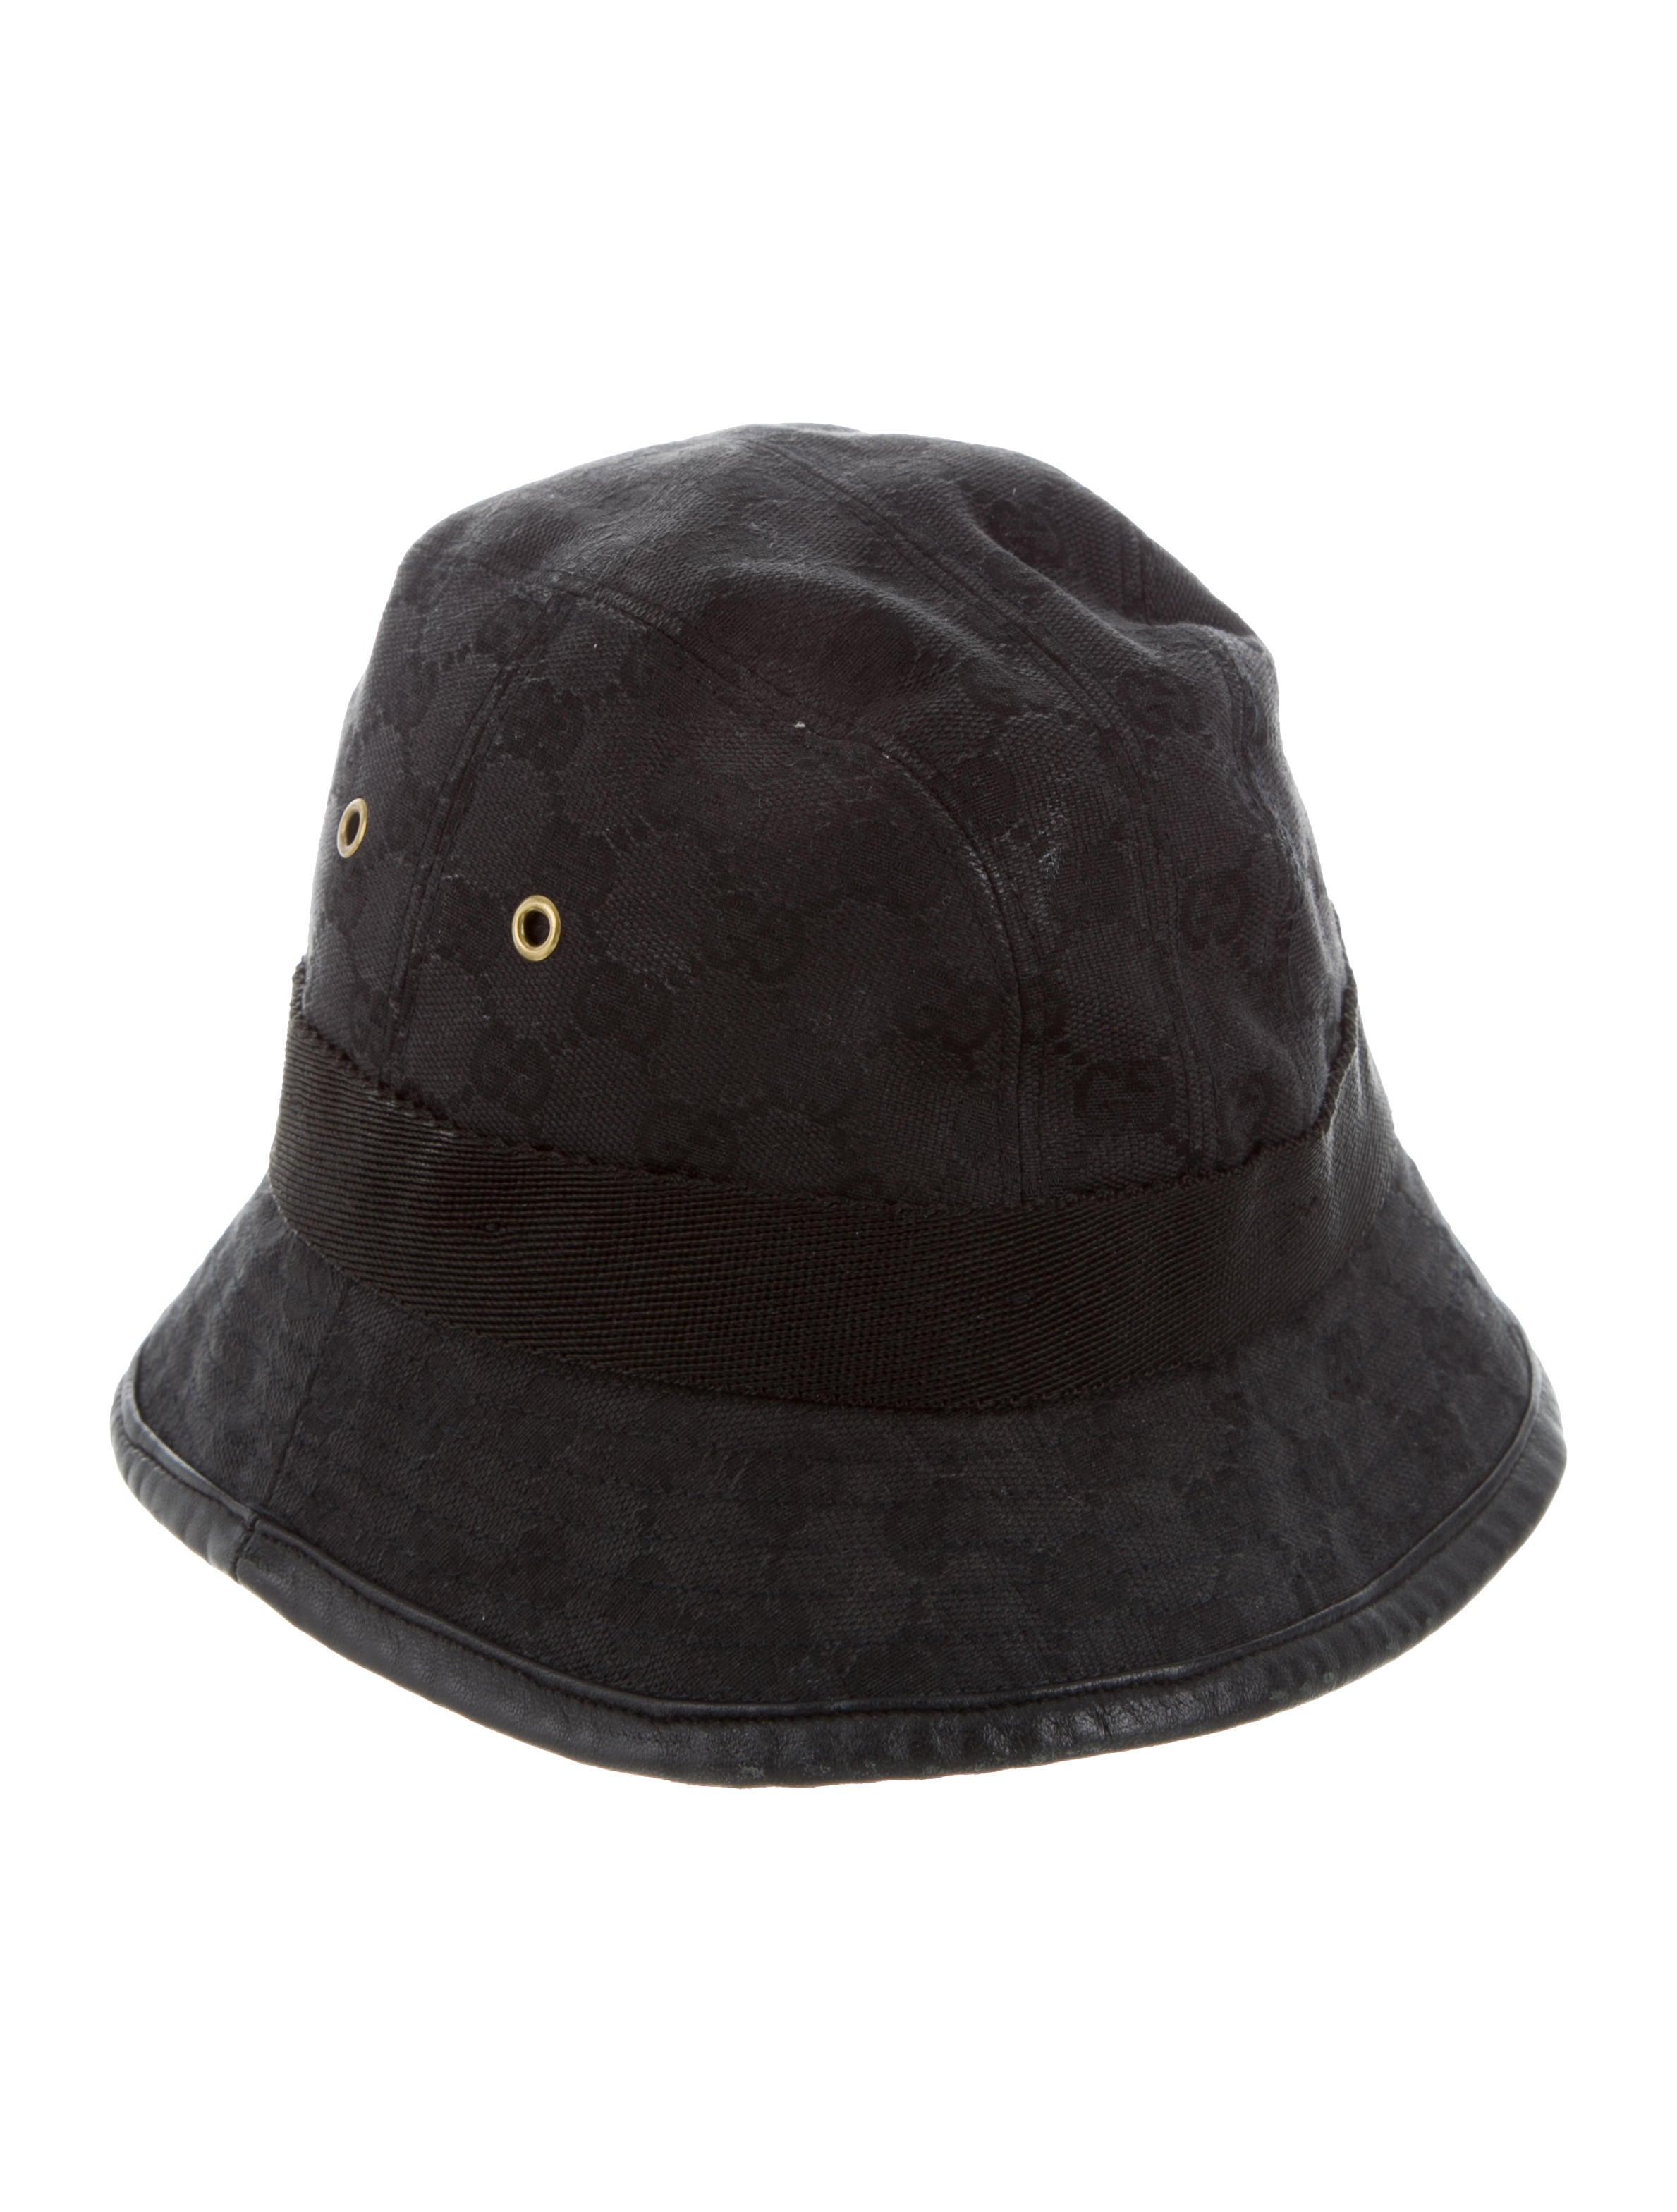 Gucci Gg Supreme Bucket Hat Accessories Guc157066